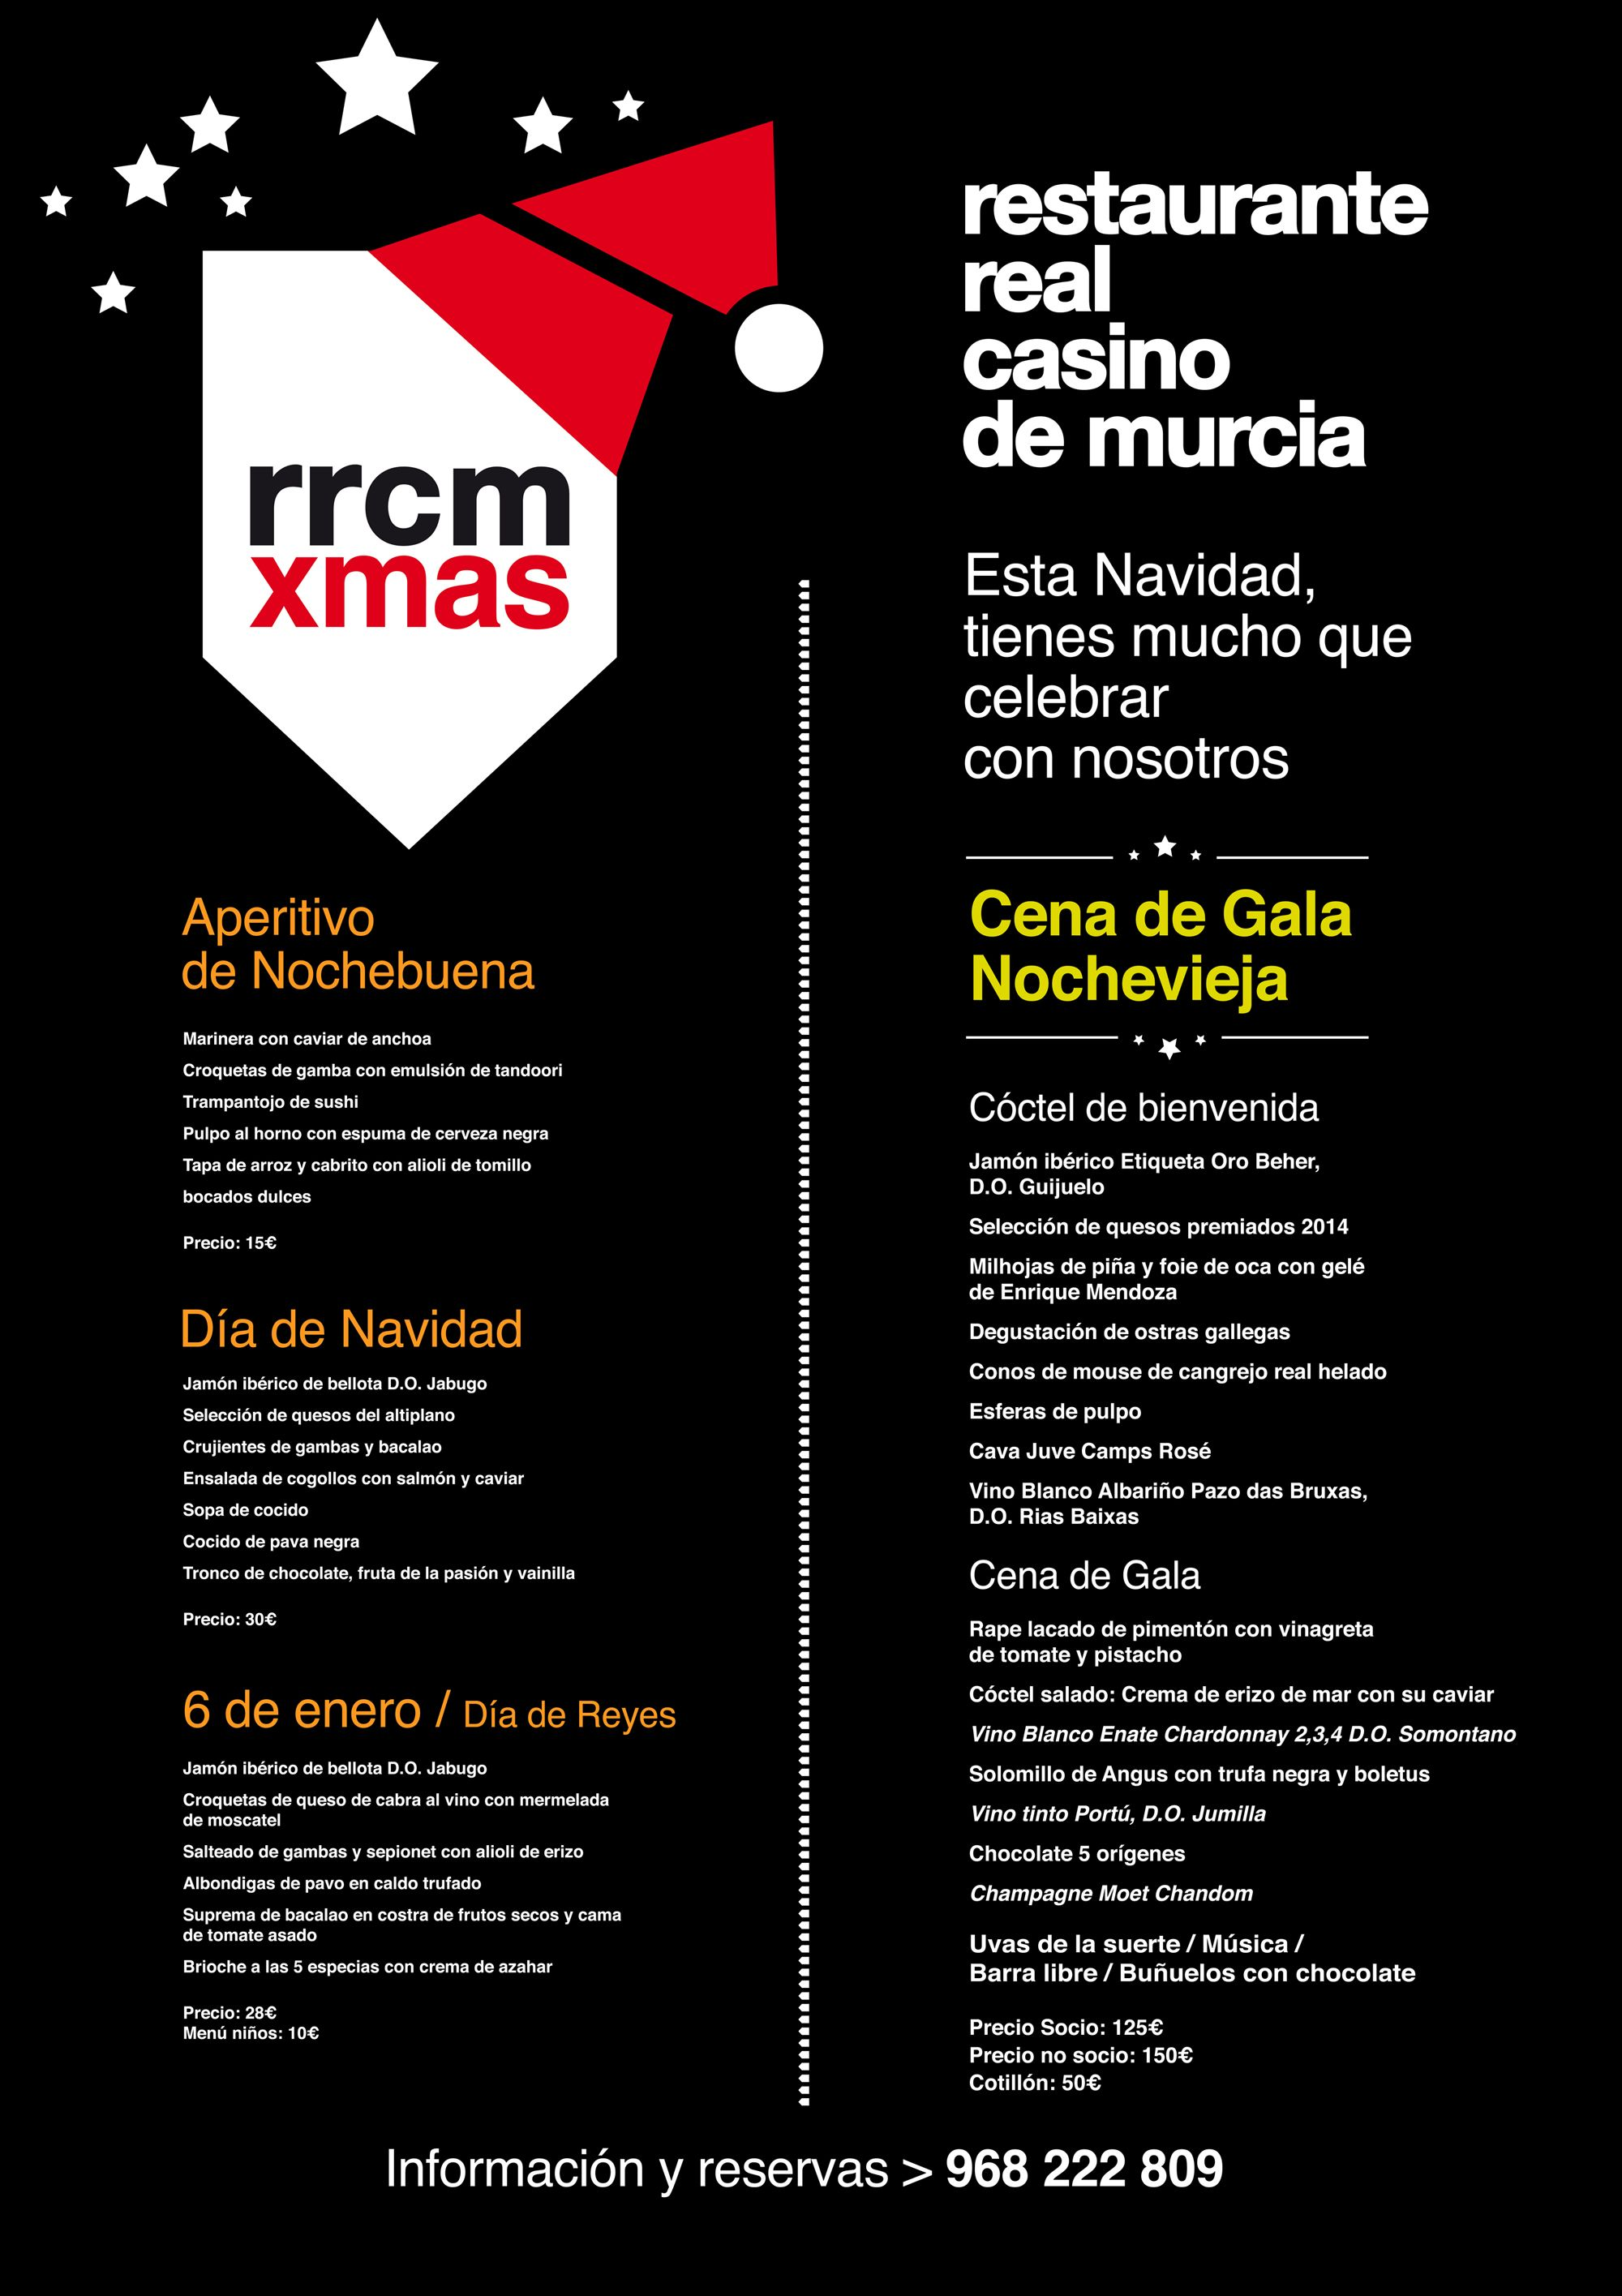 Real casino murcia restaurante real casino de murcia especial navidad - Restaurante para navidad ...